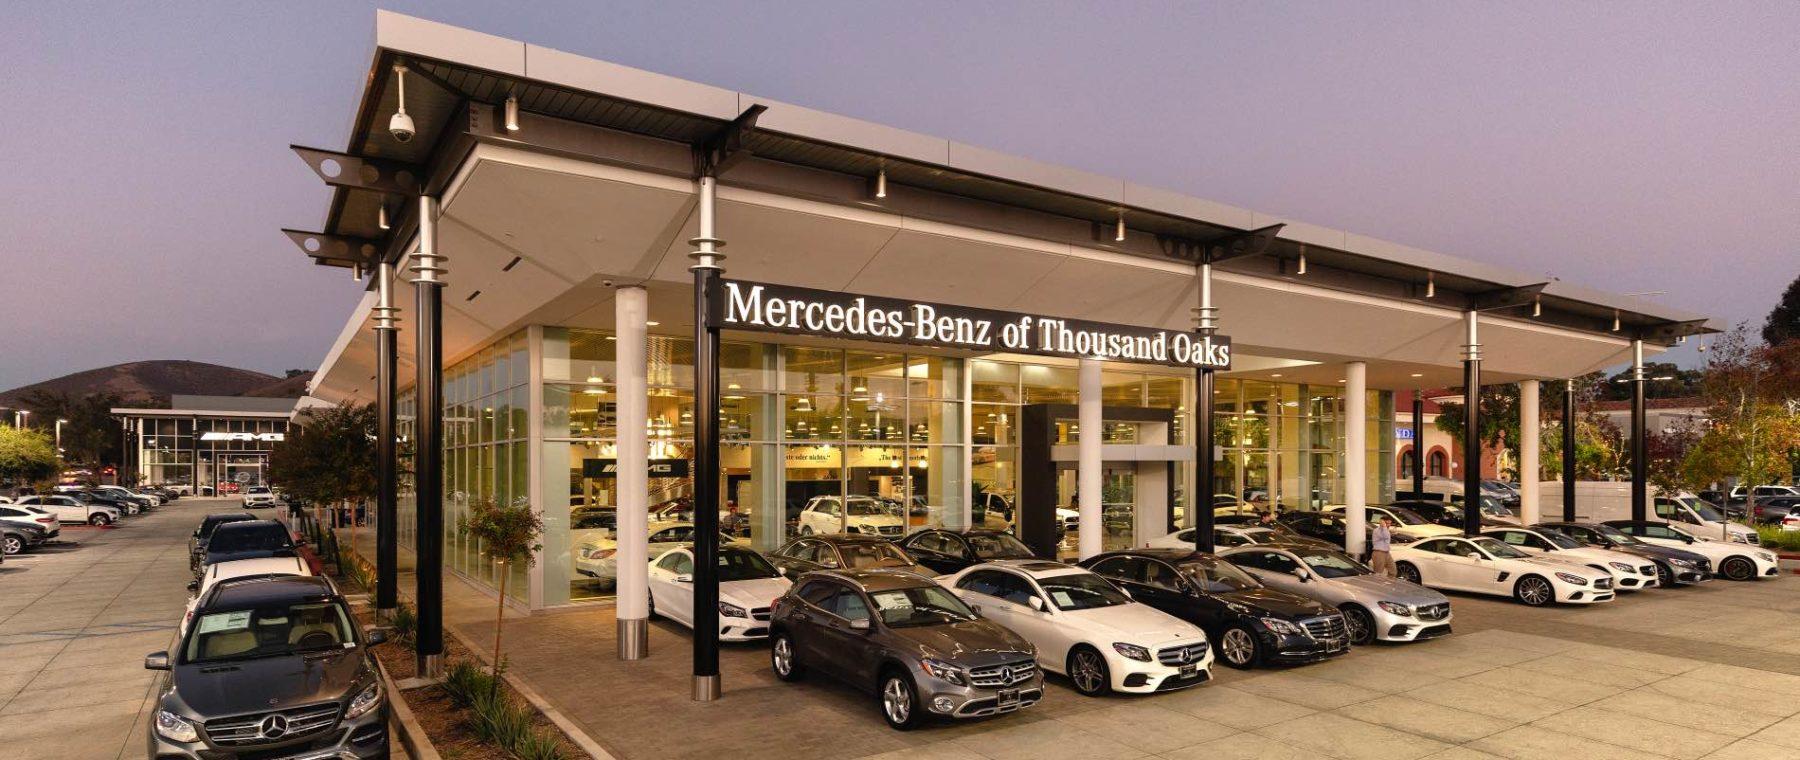 Mercedes Benz Dealers >> Mercedes Benz Of Thousand Oaks Mercedes Benz Dealer In Thousand